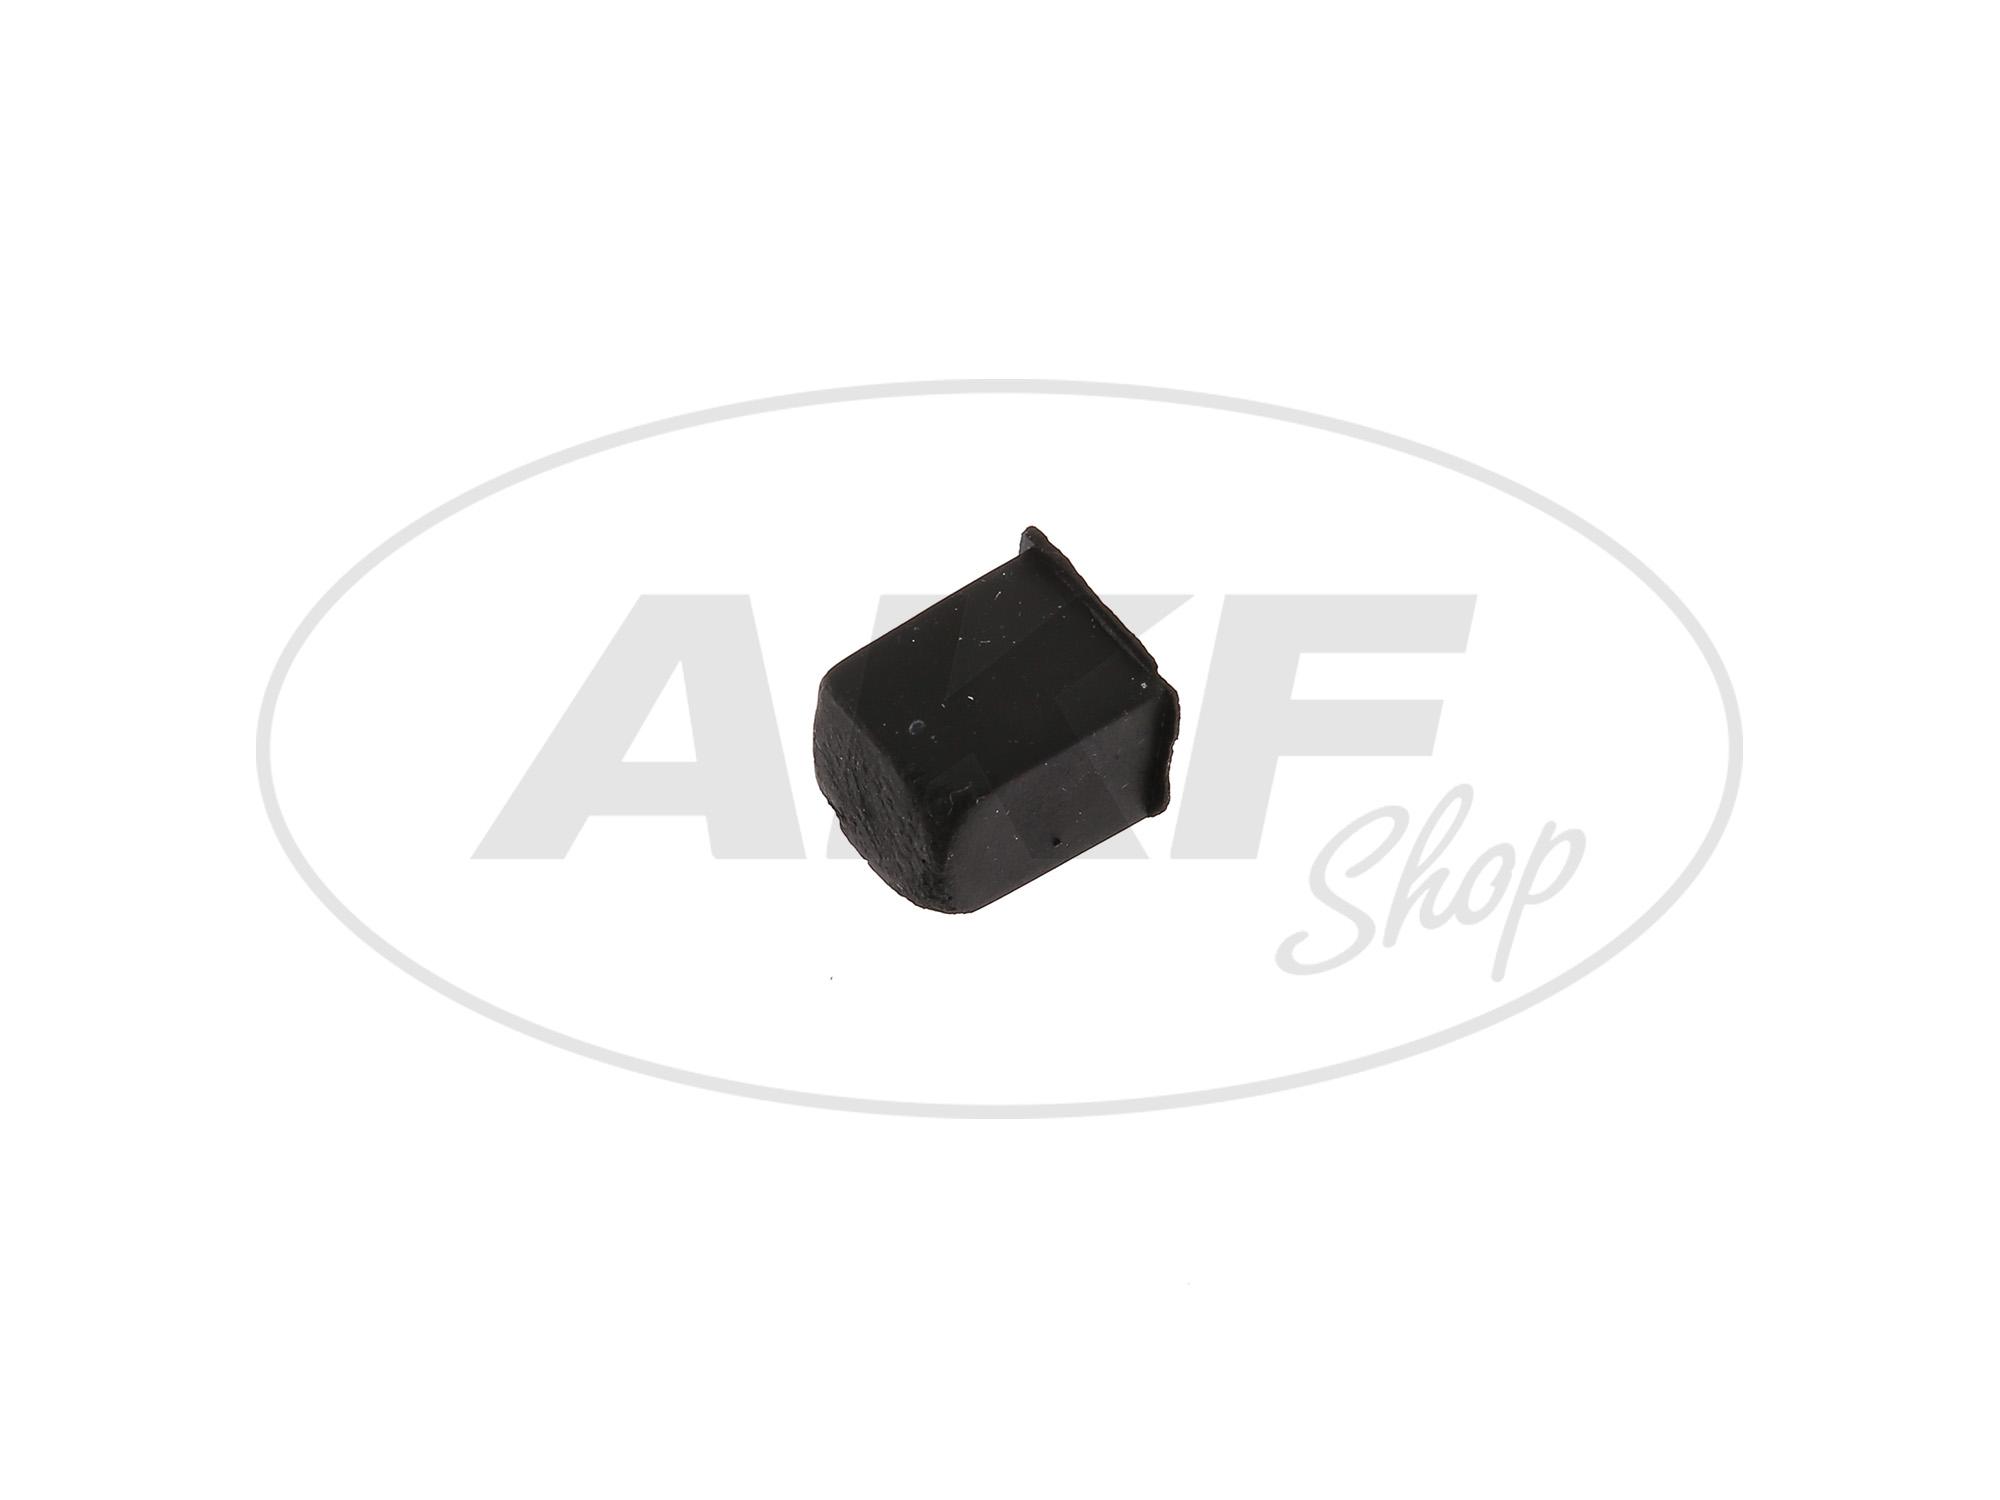 Zoom Ansicht Gummistopfen für Kippständer - Simson S51, S53, S70, S83, SR50, SR80, Schwalbe KR51, SR4